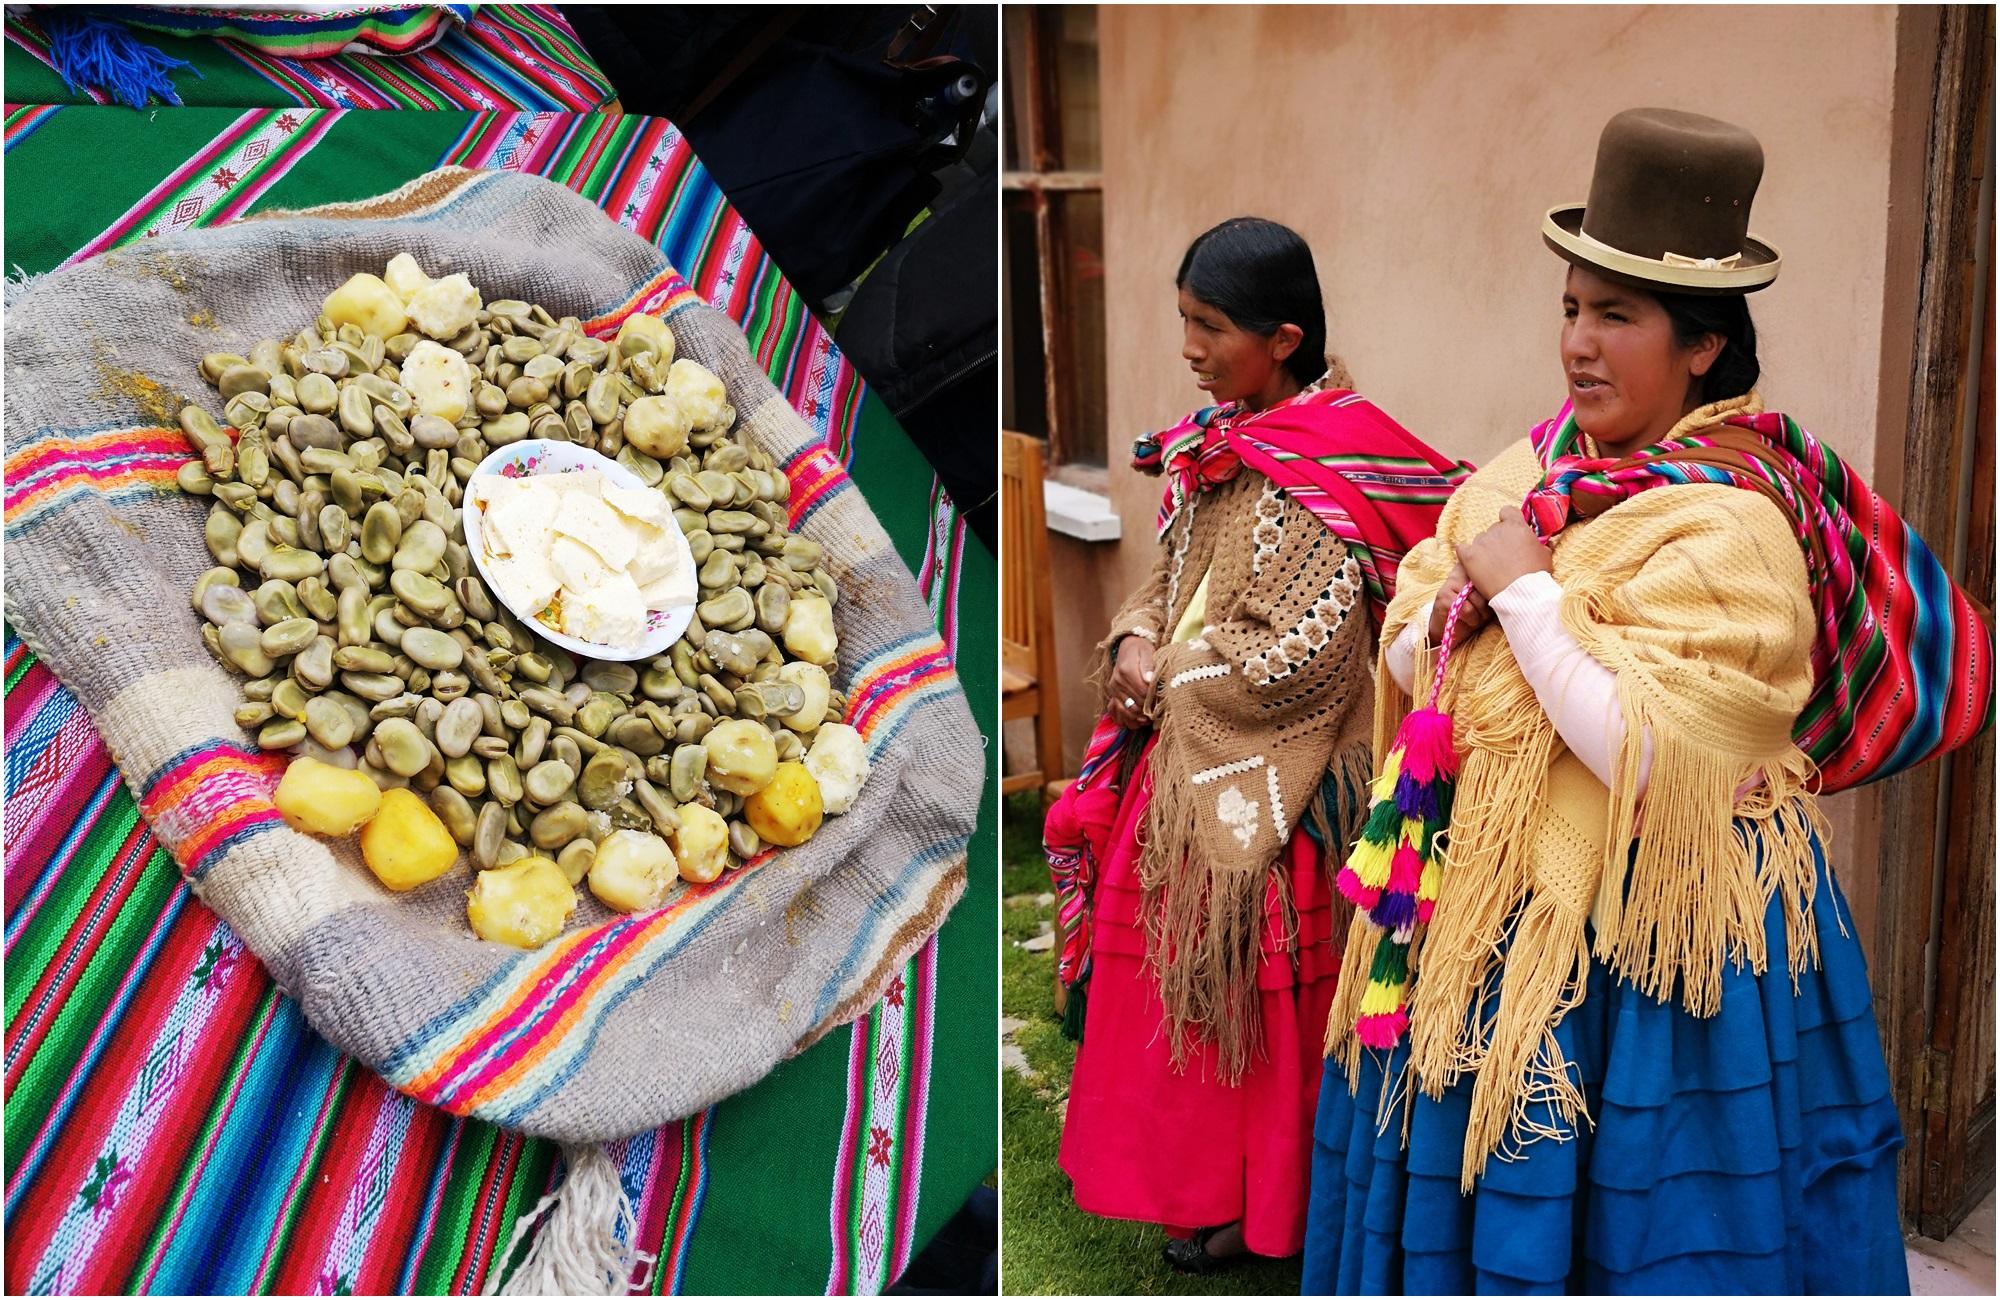 Découvrez l'Apthapi, un rituel andin qui consiste à se réunir autour d'un bon repas communautaire.